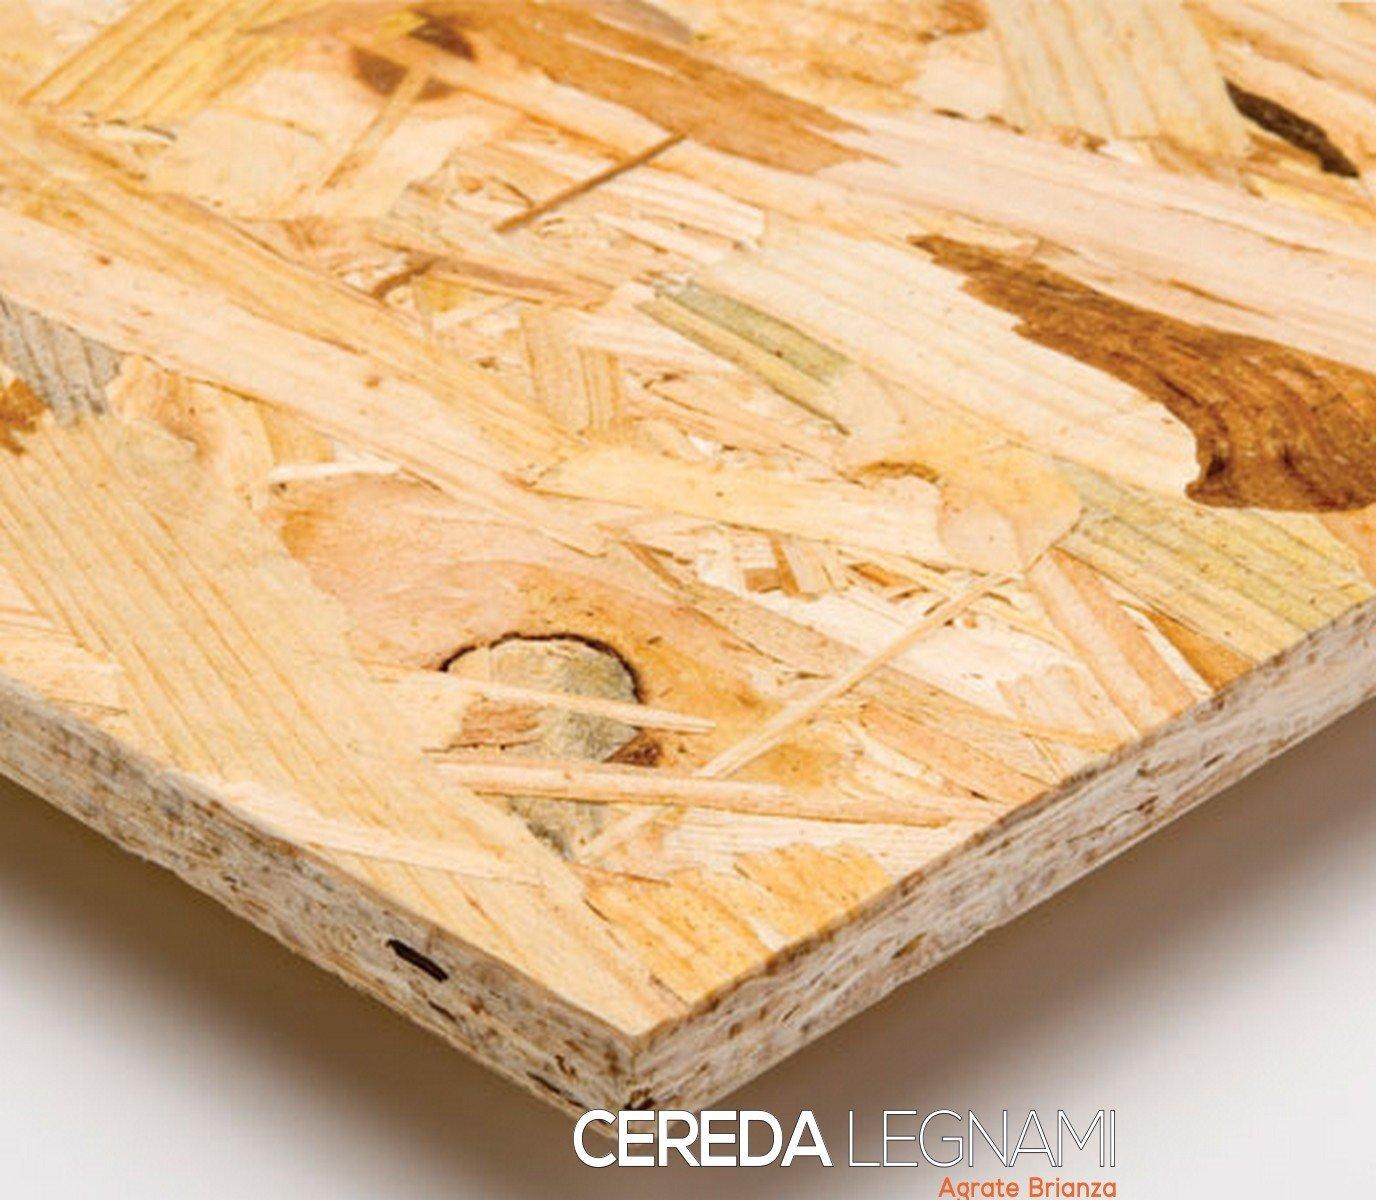 Pannello legno economico cereda legnami agrate brianza for Obi pannelli legno